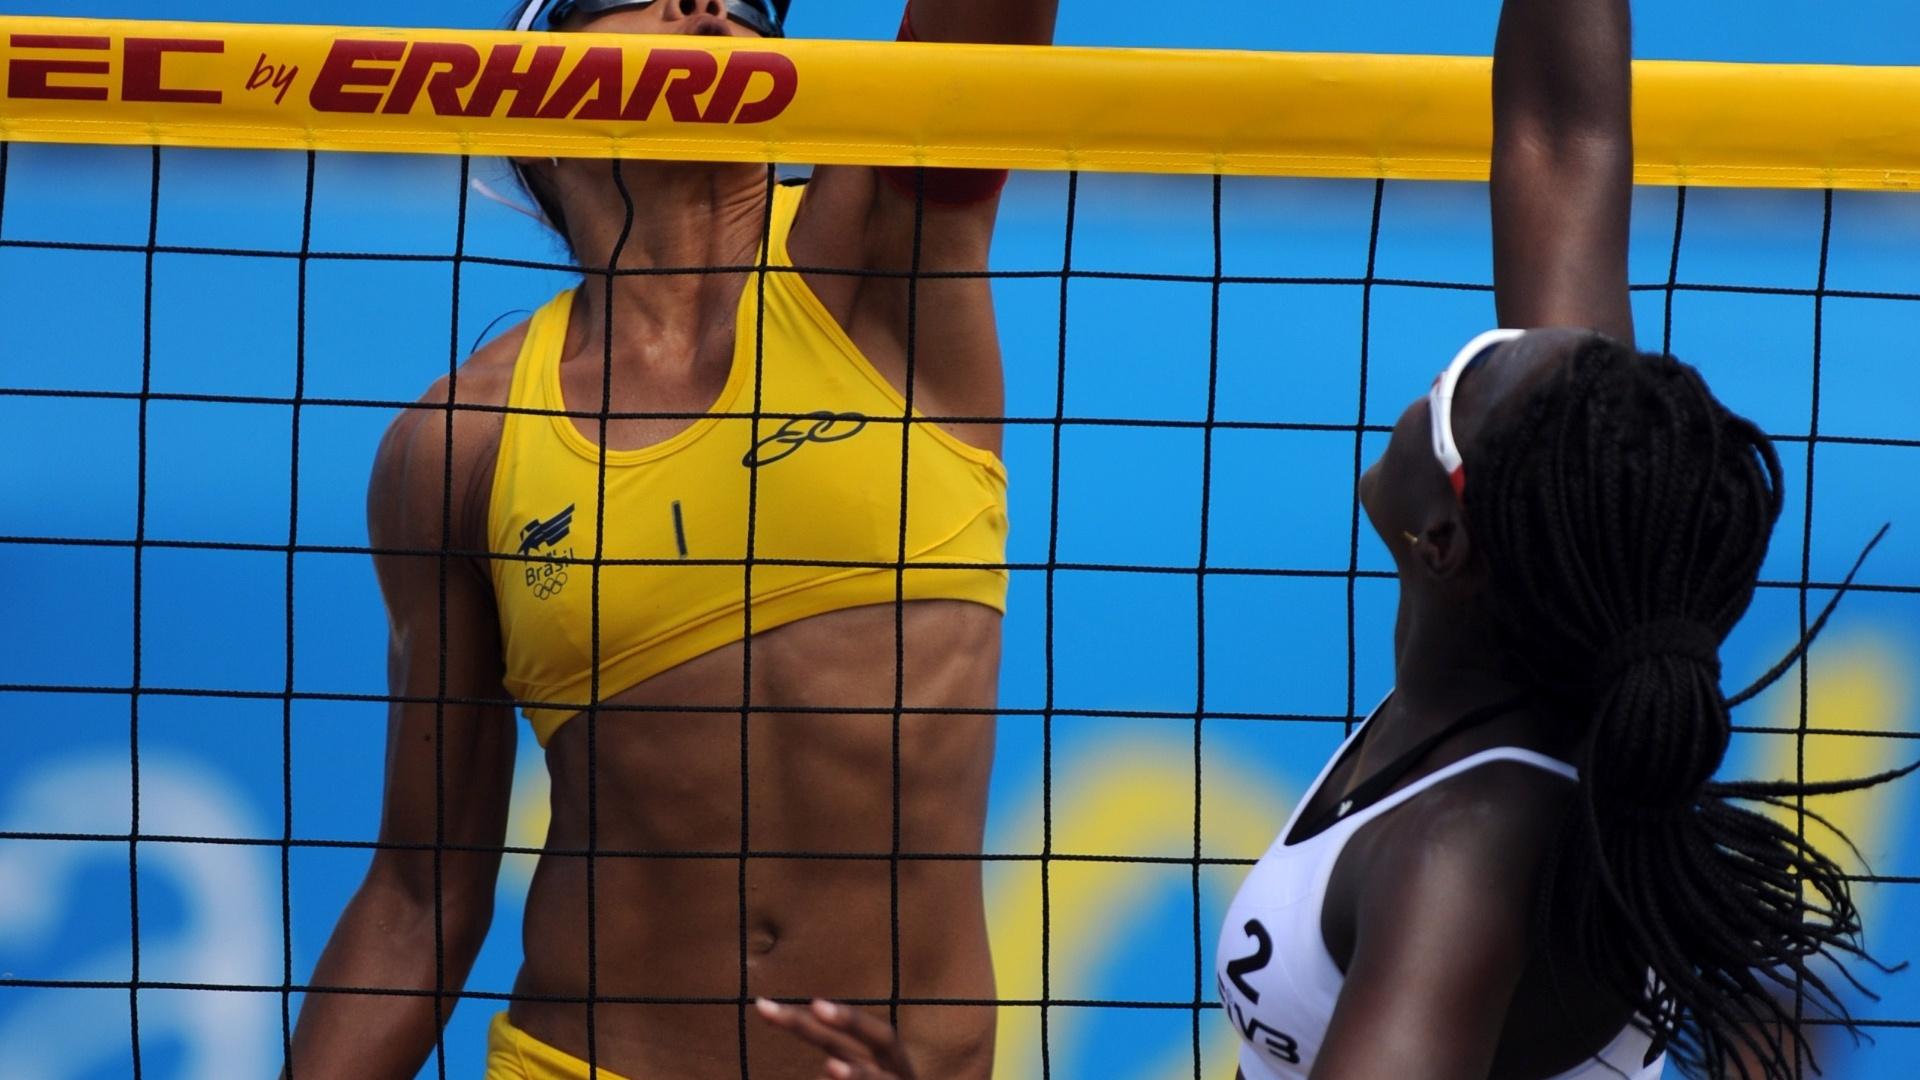 Juliana disputa a bola contra Elki Philip, de Trinidad e Tobago, durante a vitória por 2 sets a 0 da dupla brasileira